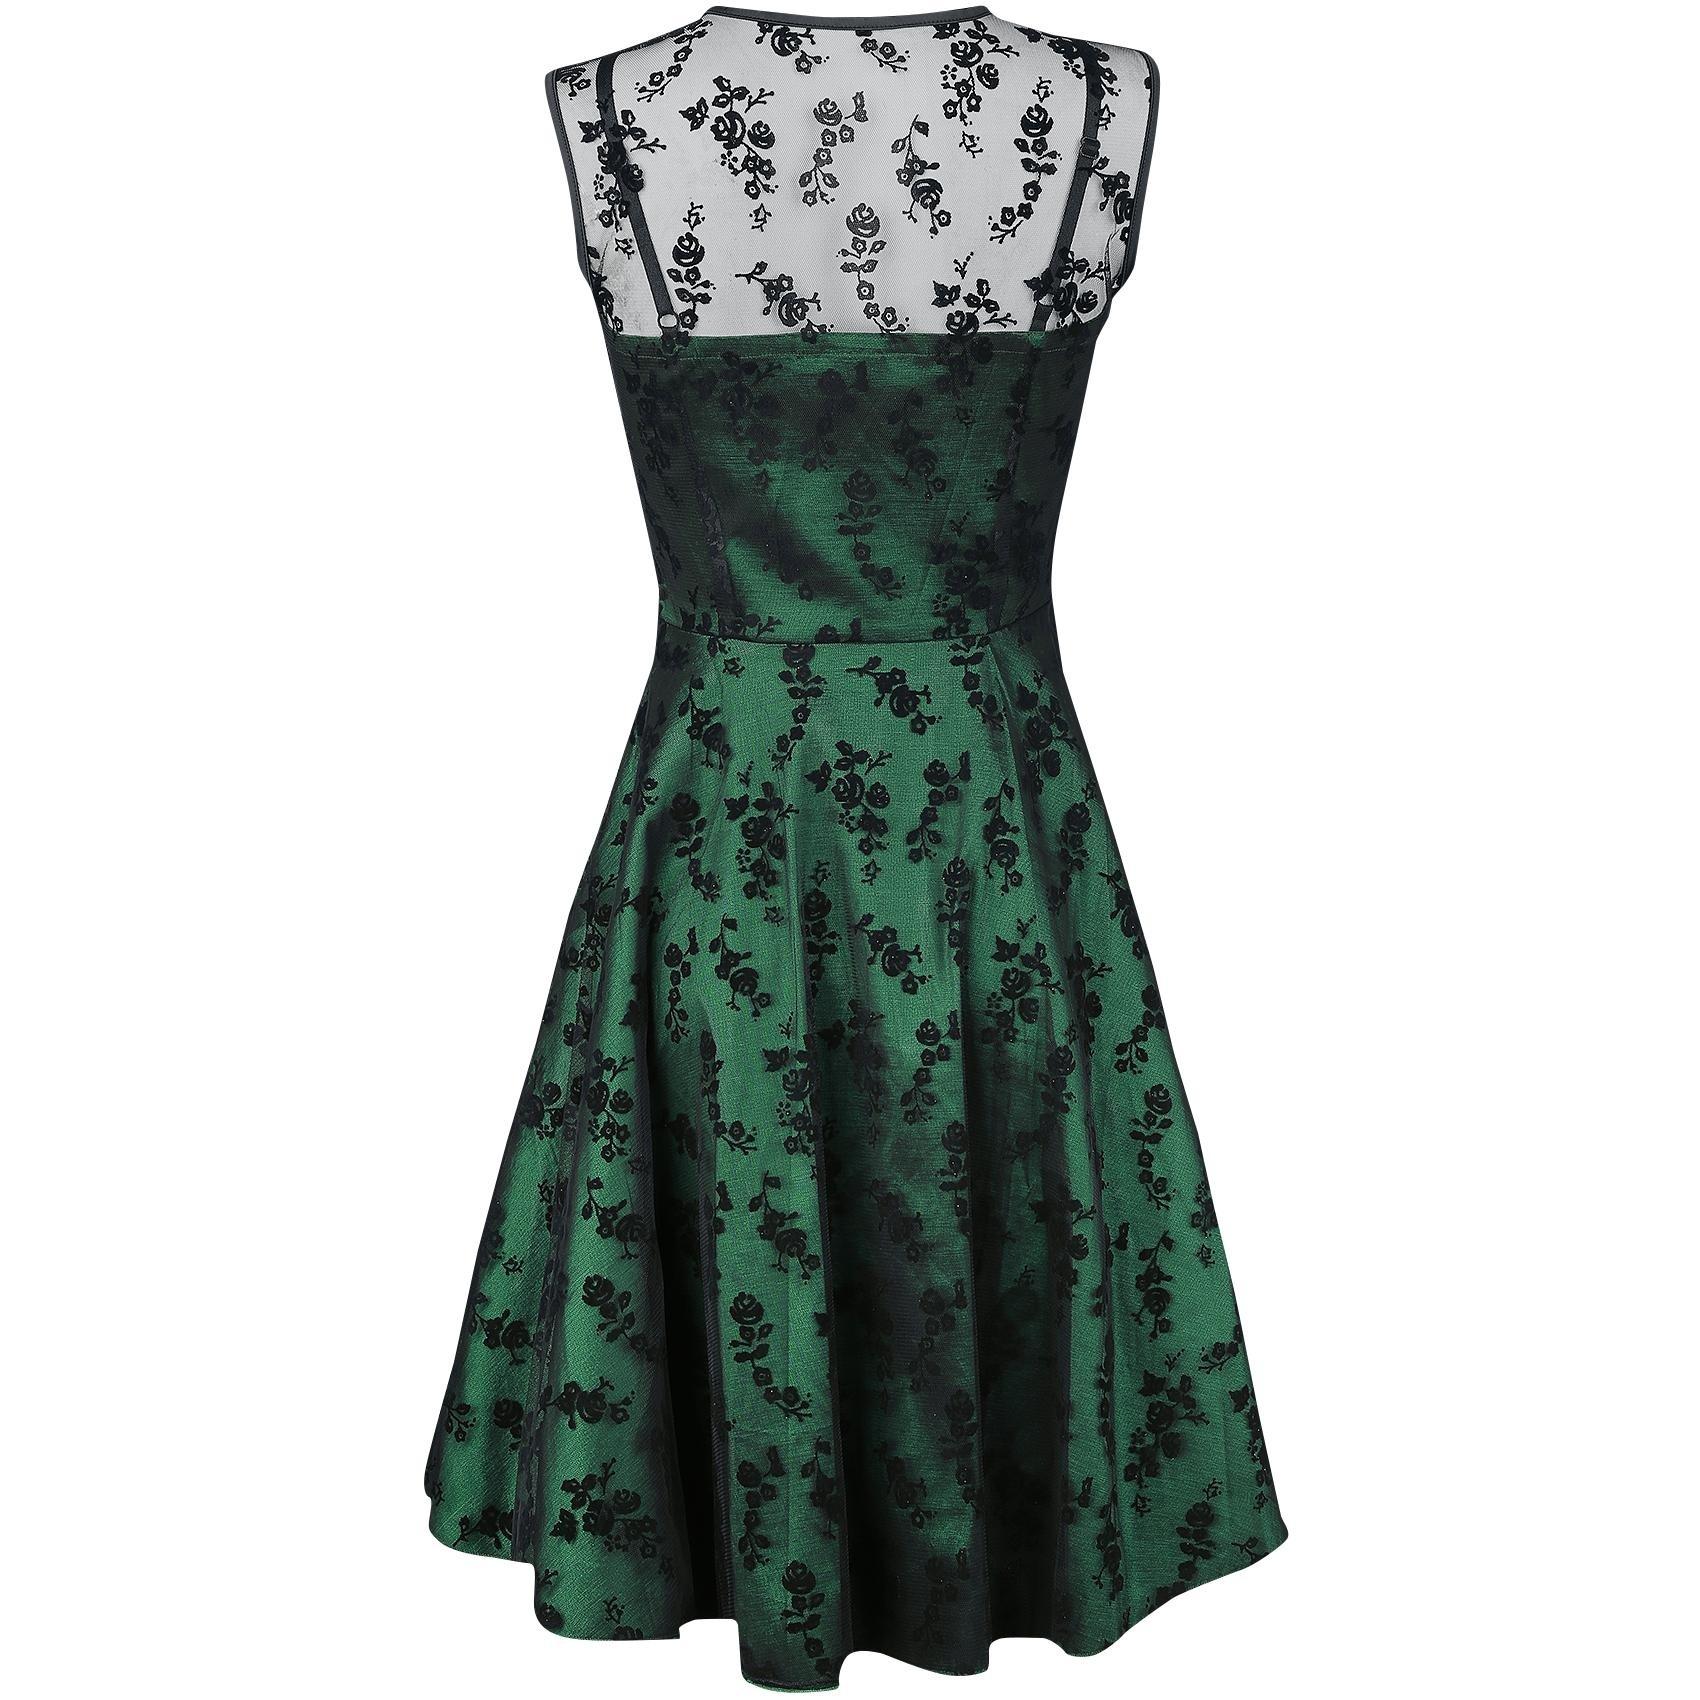 17 Schön Grünes Kleid Mit Spitze Boutique13 Schön Grünes Kleid Mit Spitze für 2019